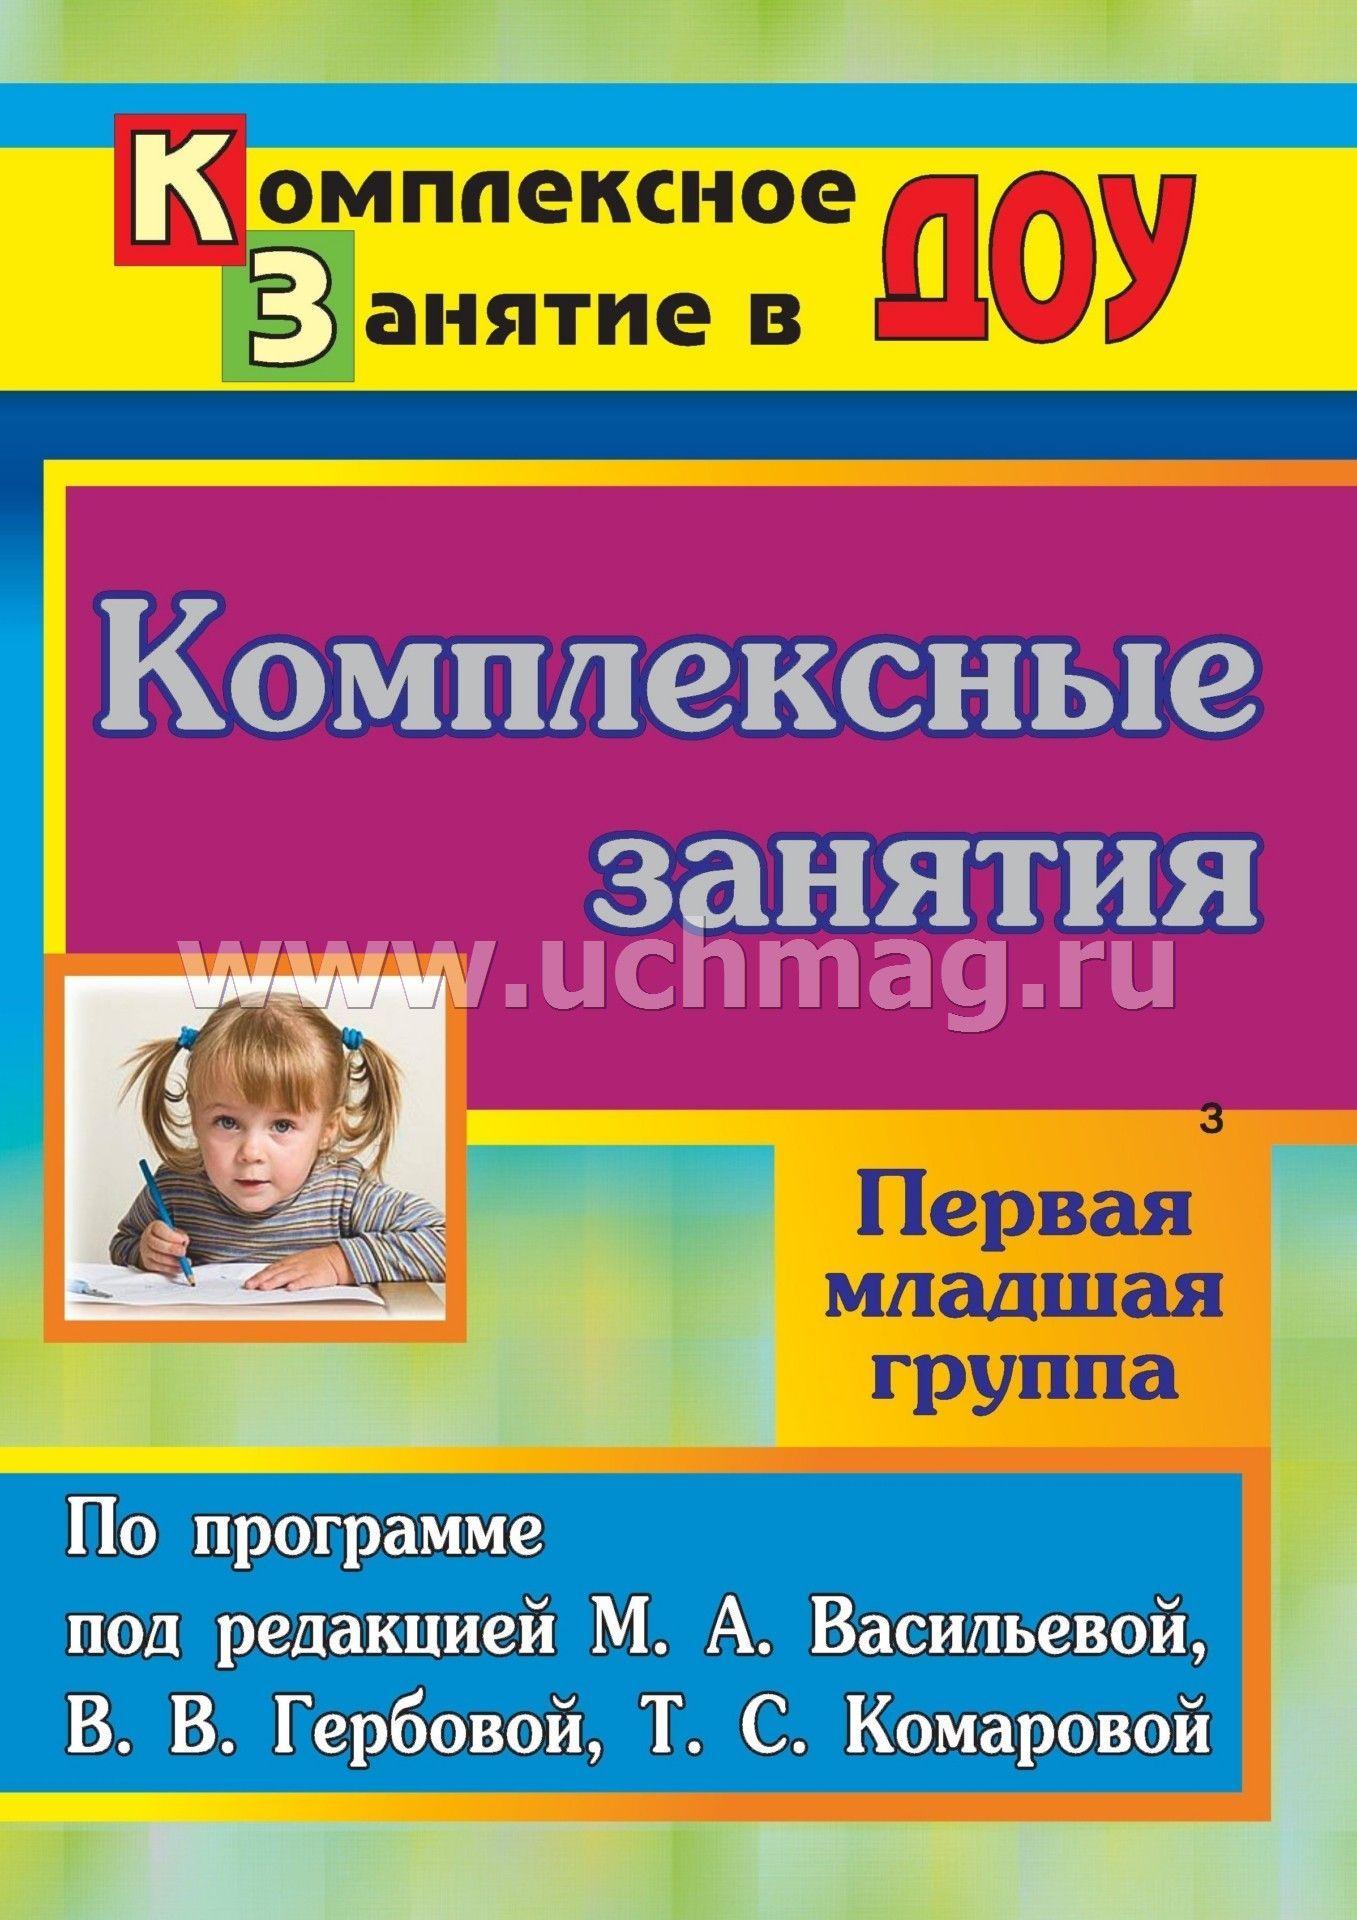 Программу обучения и воспитания в детском саду под редакцией васильевой скачать бесплатно бесплатное обучение на барабанах